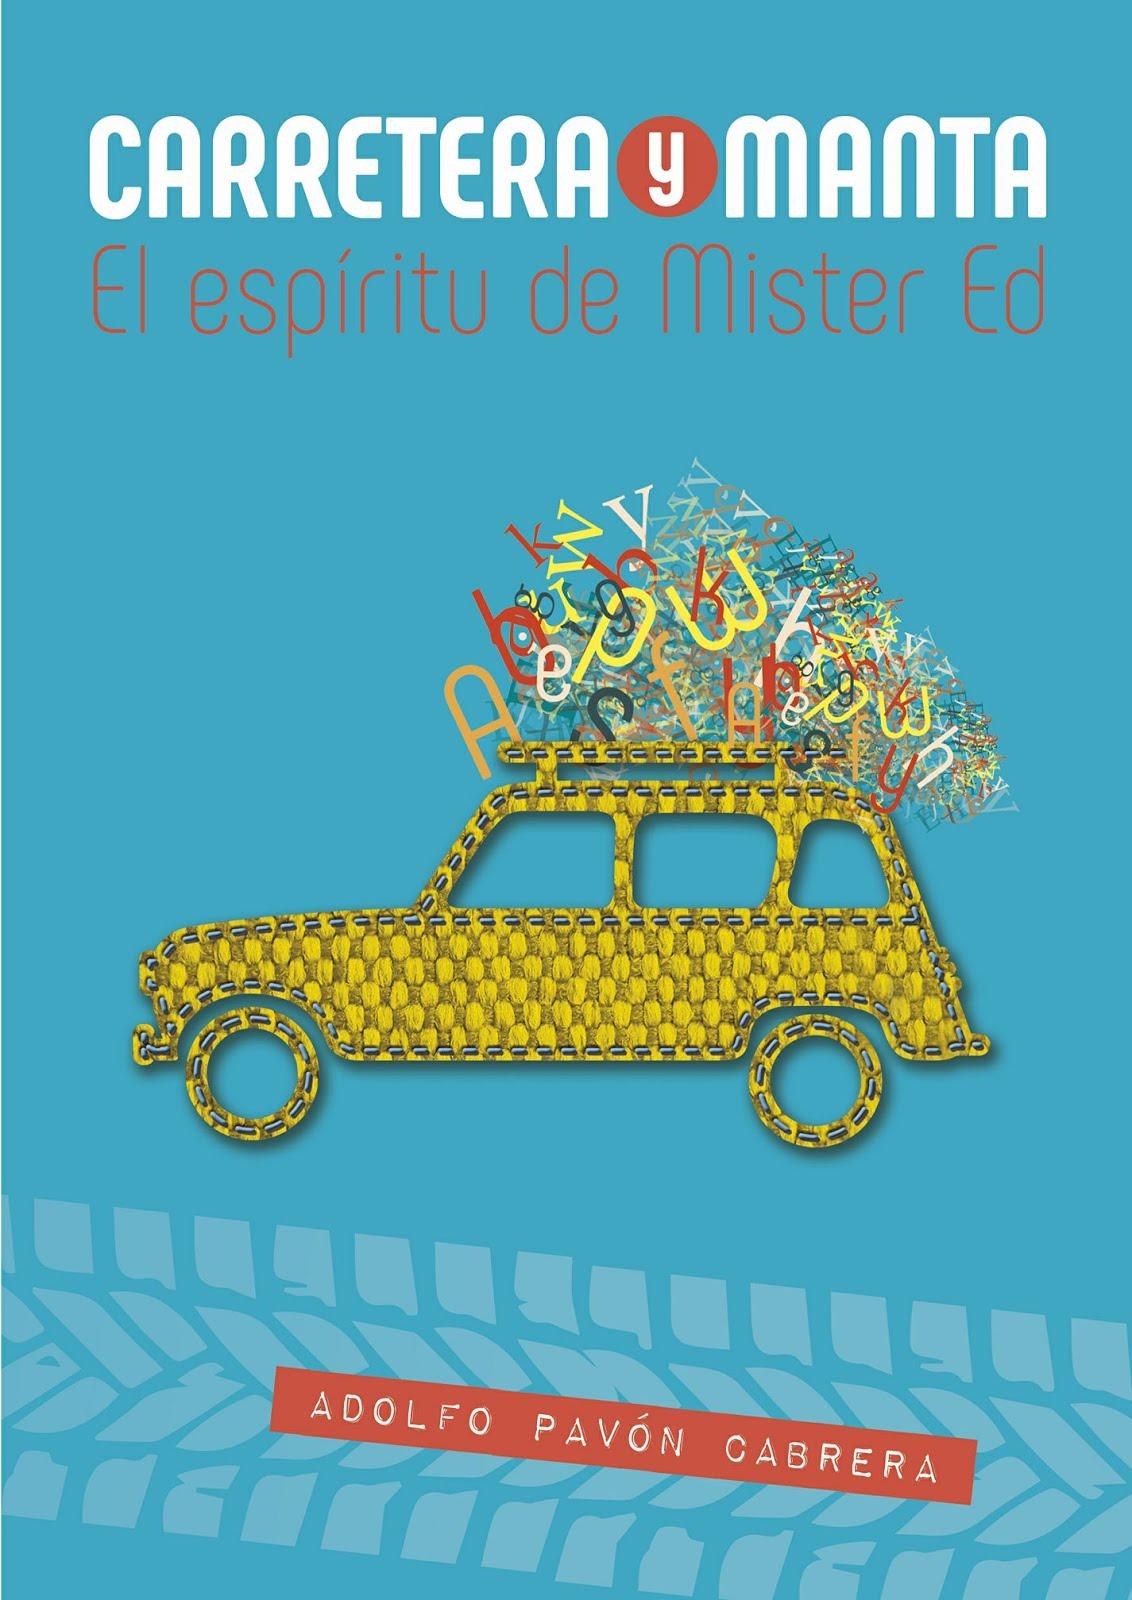 CARRETERA Y MANTA - EL ESPÍRITU DE MISTER ED (PRÓLOGO)